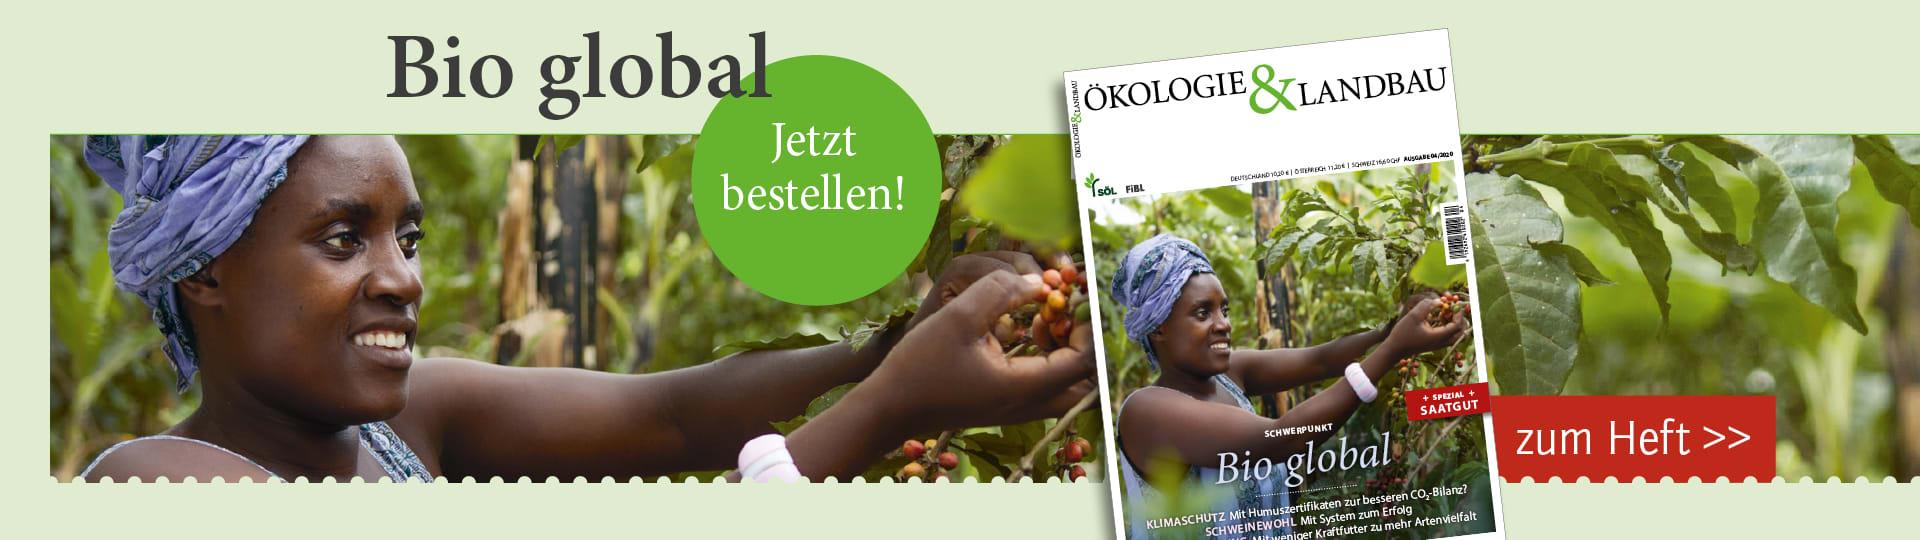 Zur neuen Ausgabe der Ökologie & Landbau zum Thema